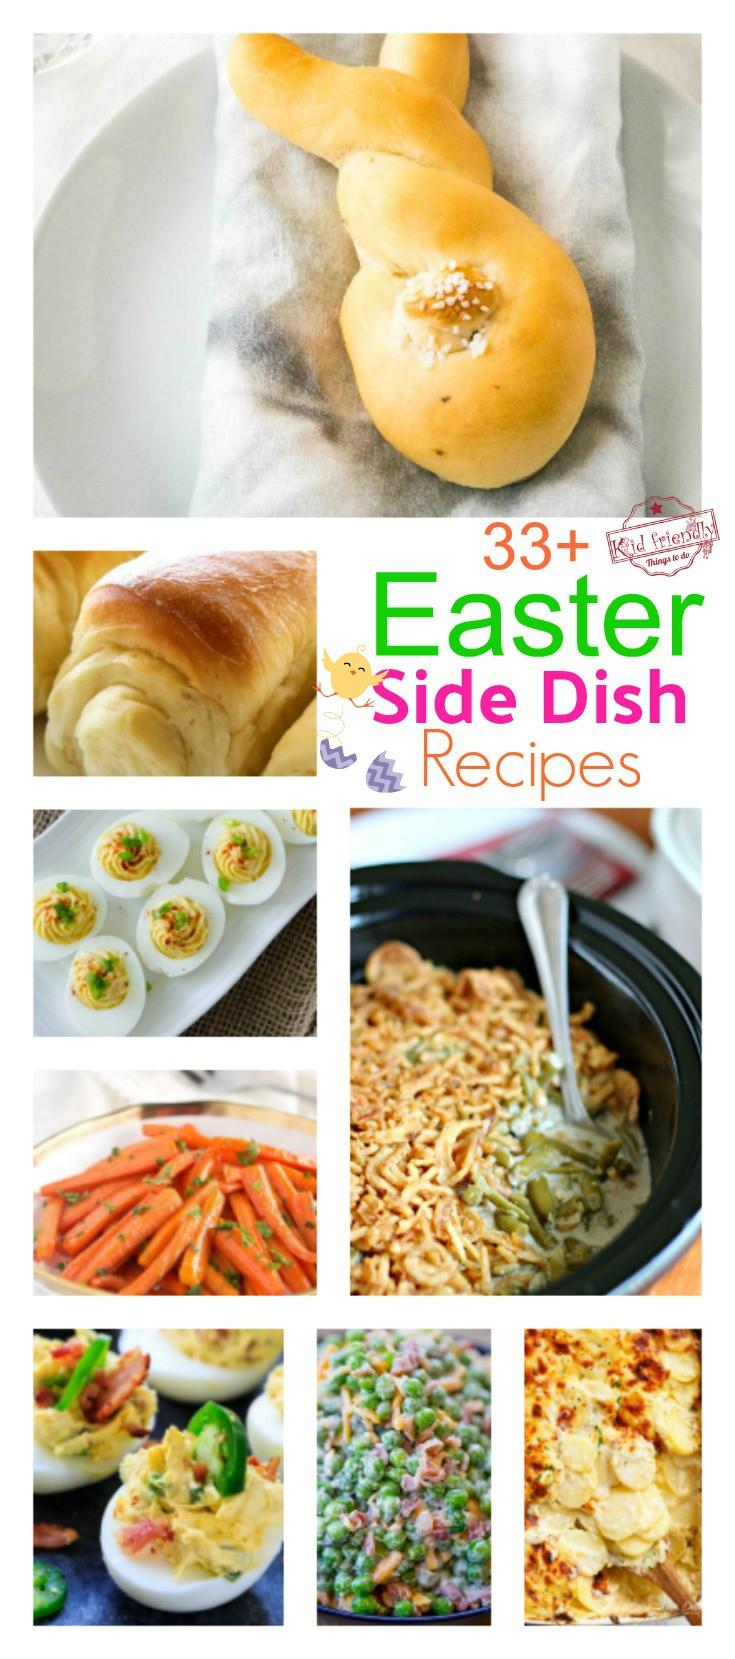 Easter Brunch Side Dishes  Over 33 Easter Side Dish Recipes for Your Celebration Dinner